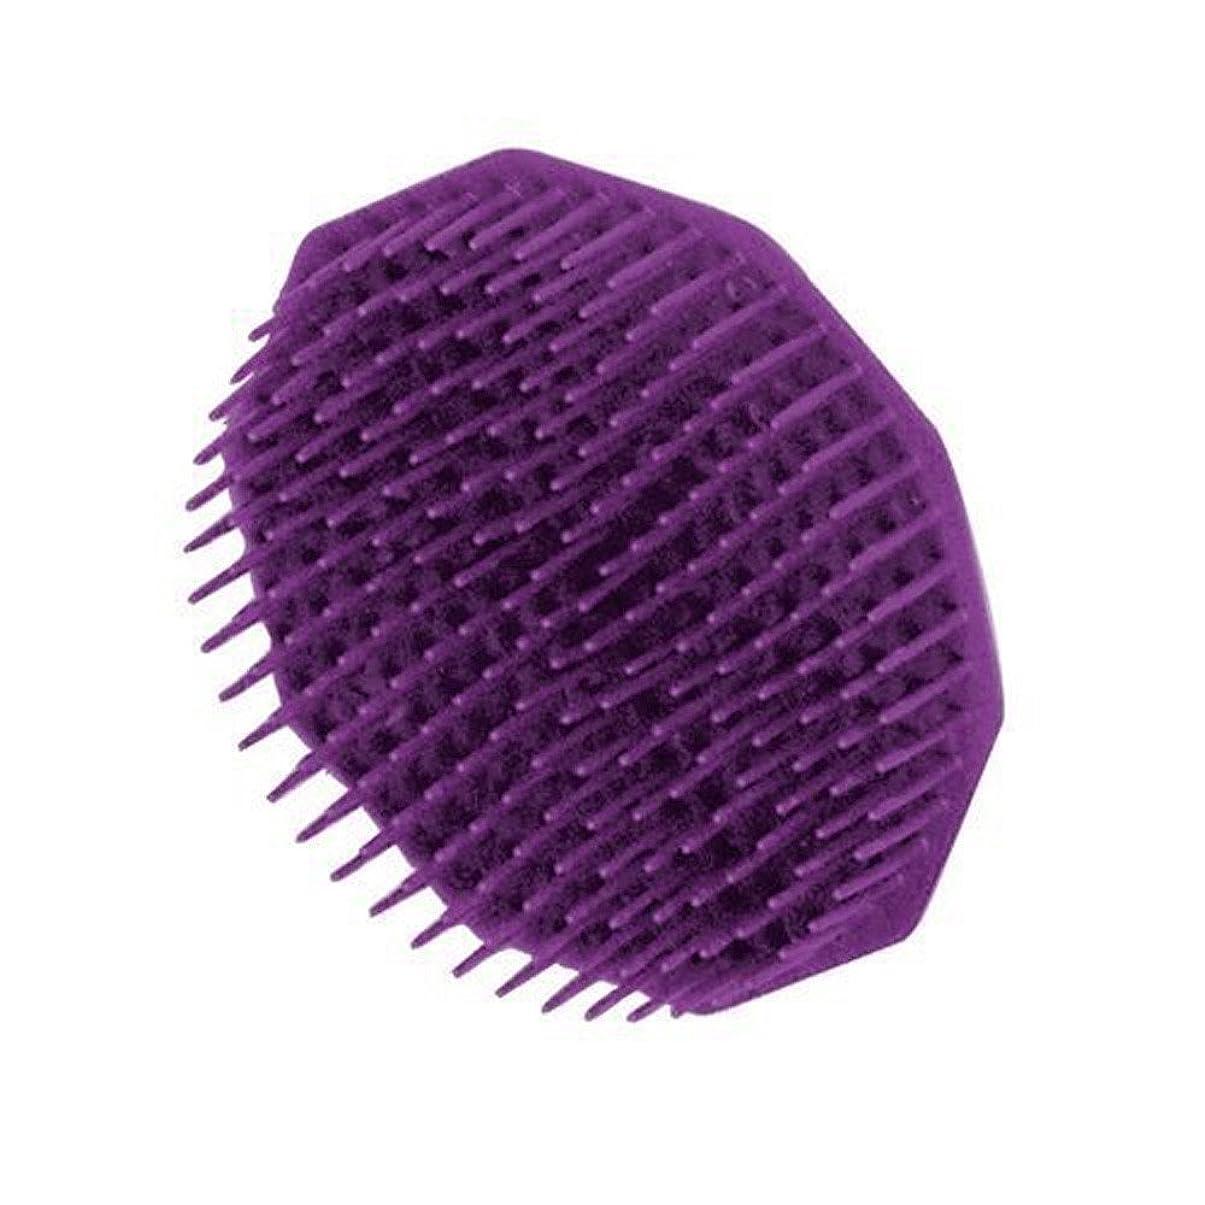 アンティーク光景くるくるYMBJGSXYS コームヘアブラシ頭皮シャワーボディ女性ヘアブラシツールヘアコーム